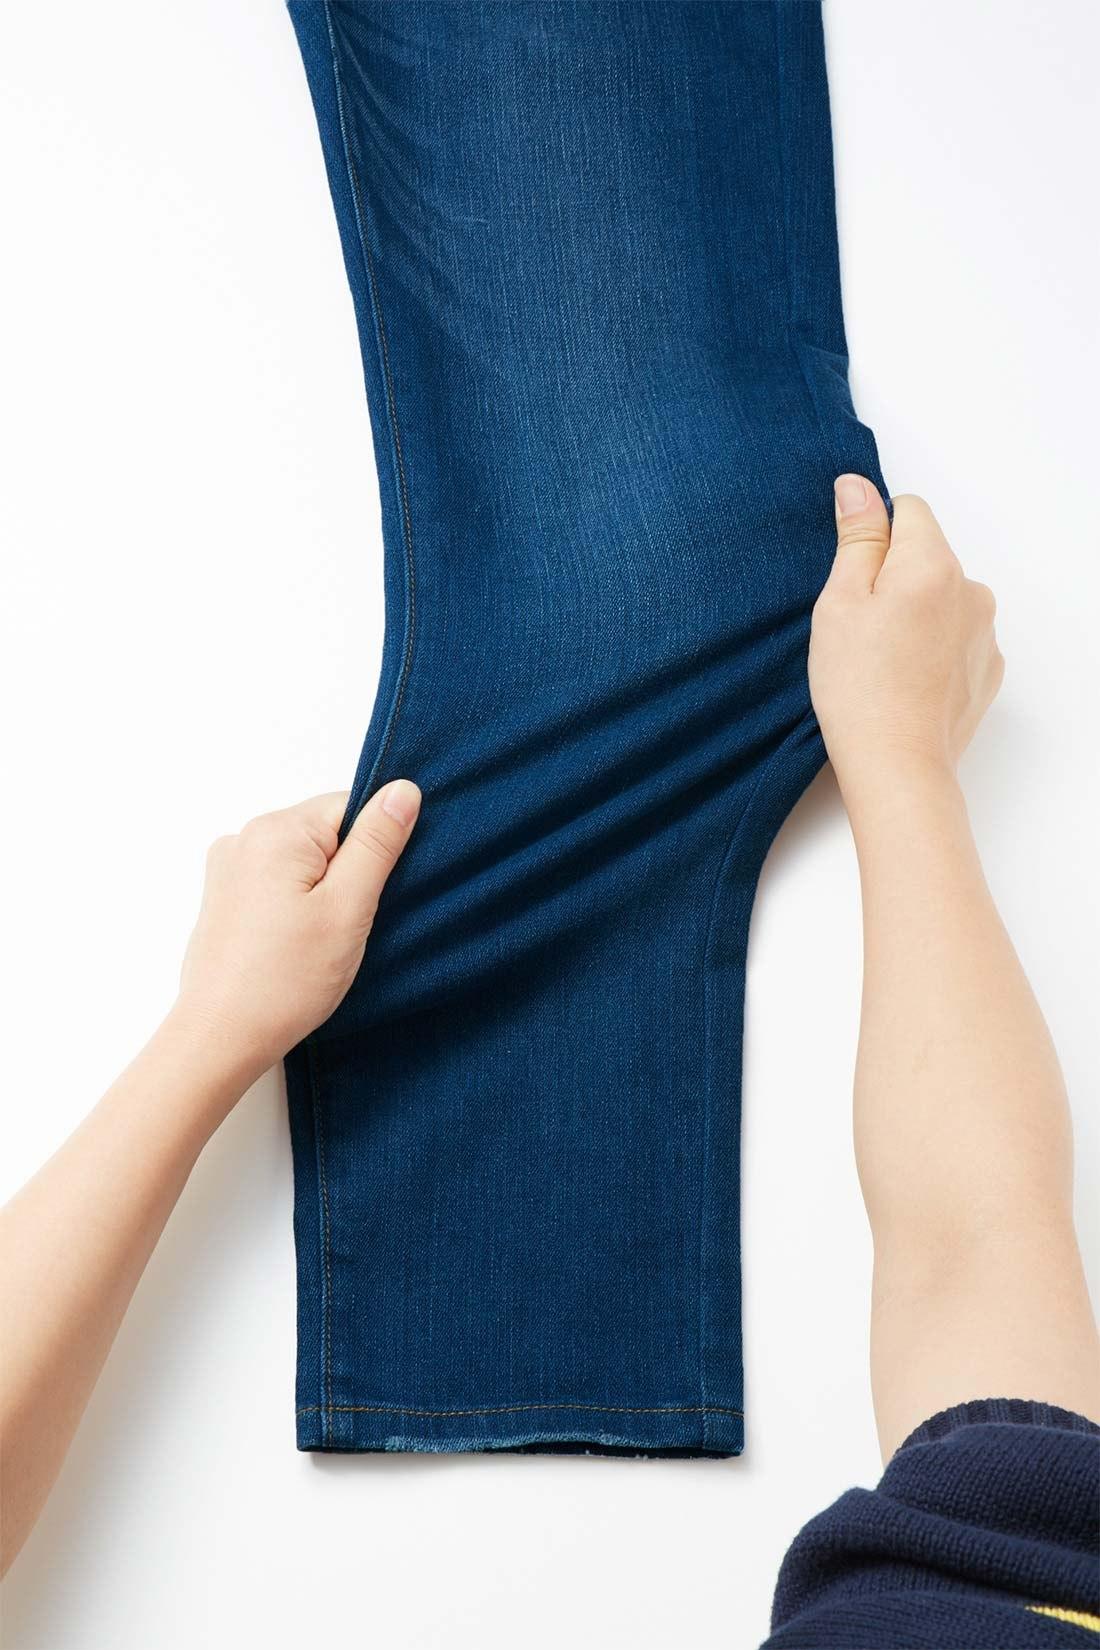 ストレッチ性抜群の素材で、アクティブに動ける伸びやかさ! 美脚ラインはそのままに、らくちんストレスフリーなはき心地を実現しています。 ※お届けするカラーとは異なります。